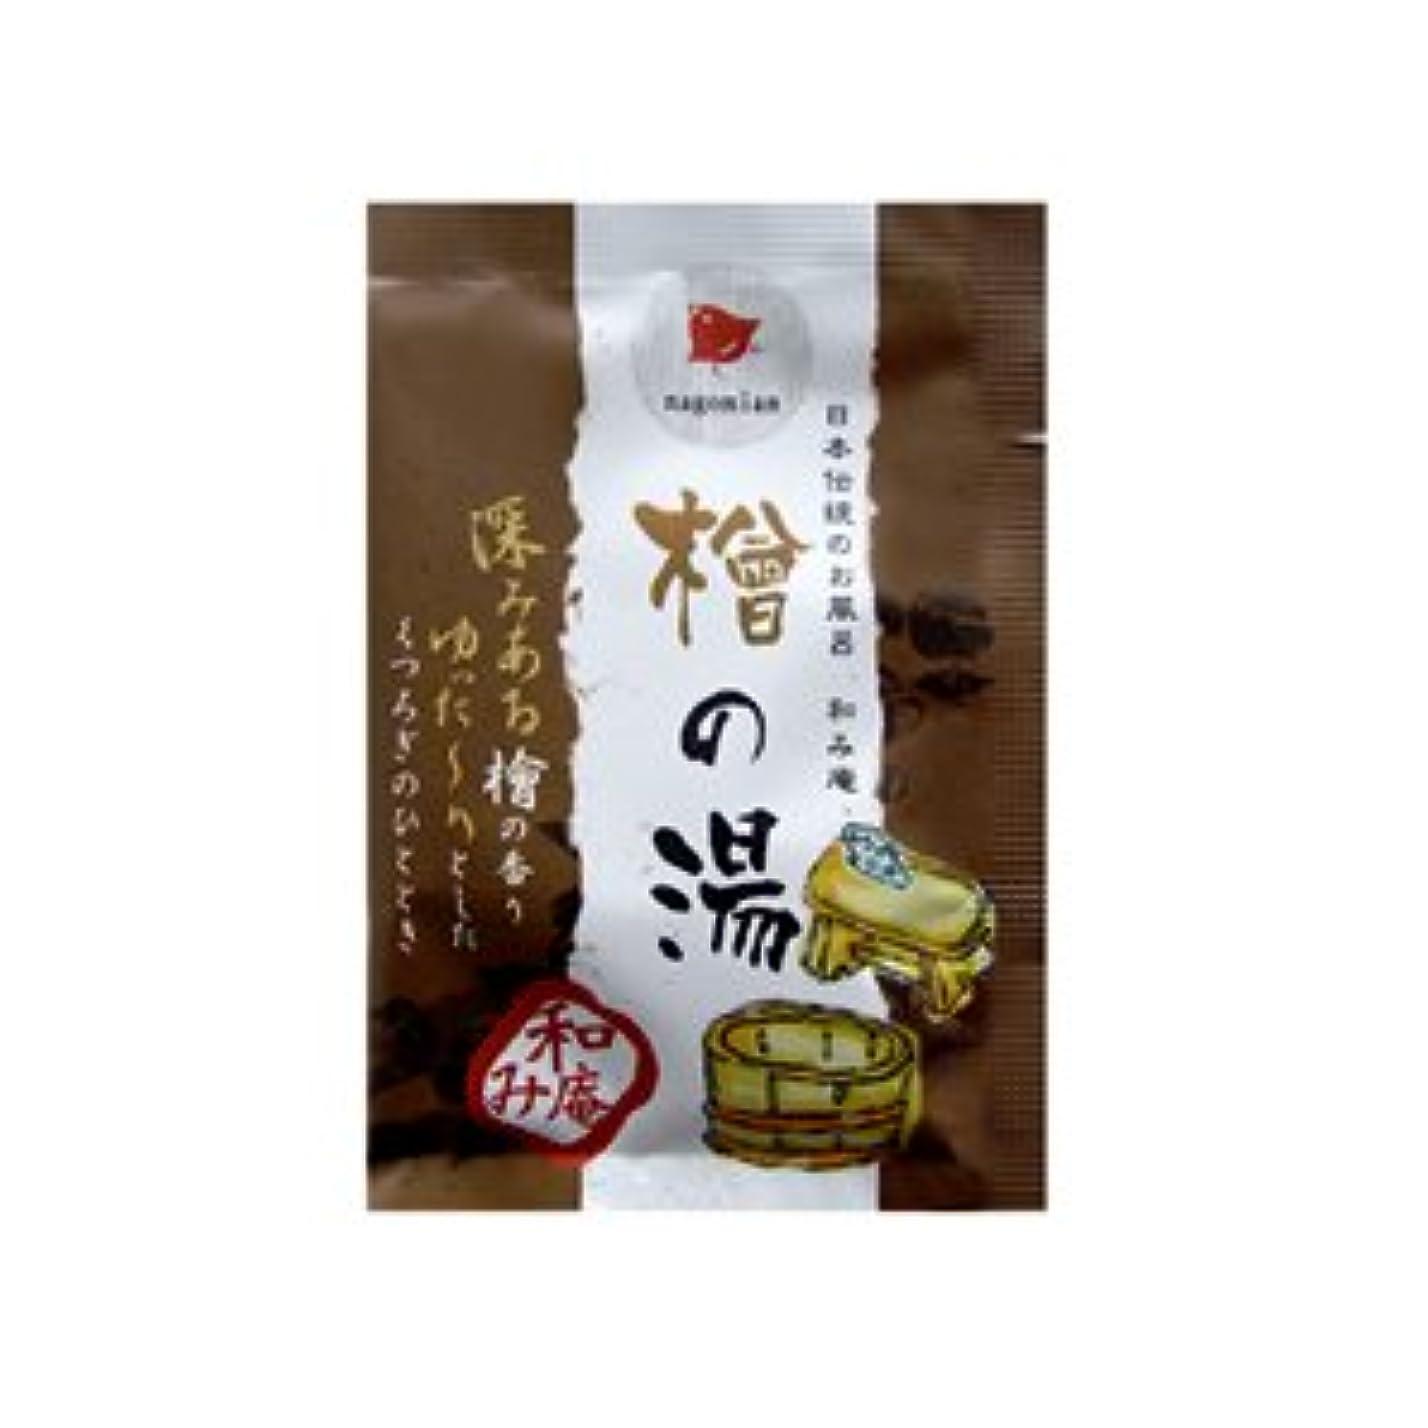 成長する肥料ガイドライン日本伝統のお風呂 和み庵 檜の湯 25g 1包